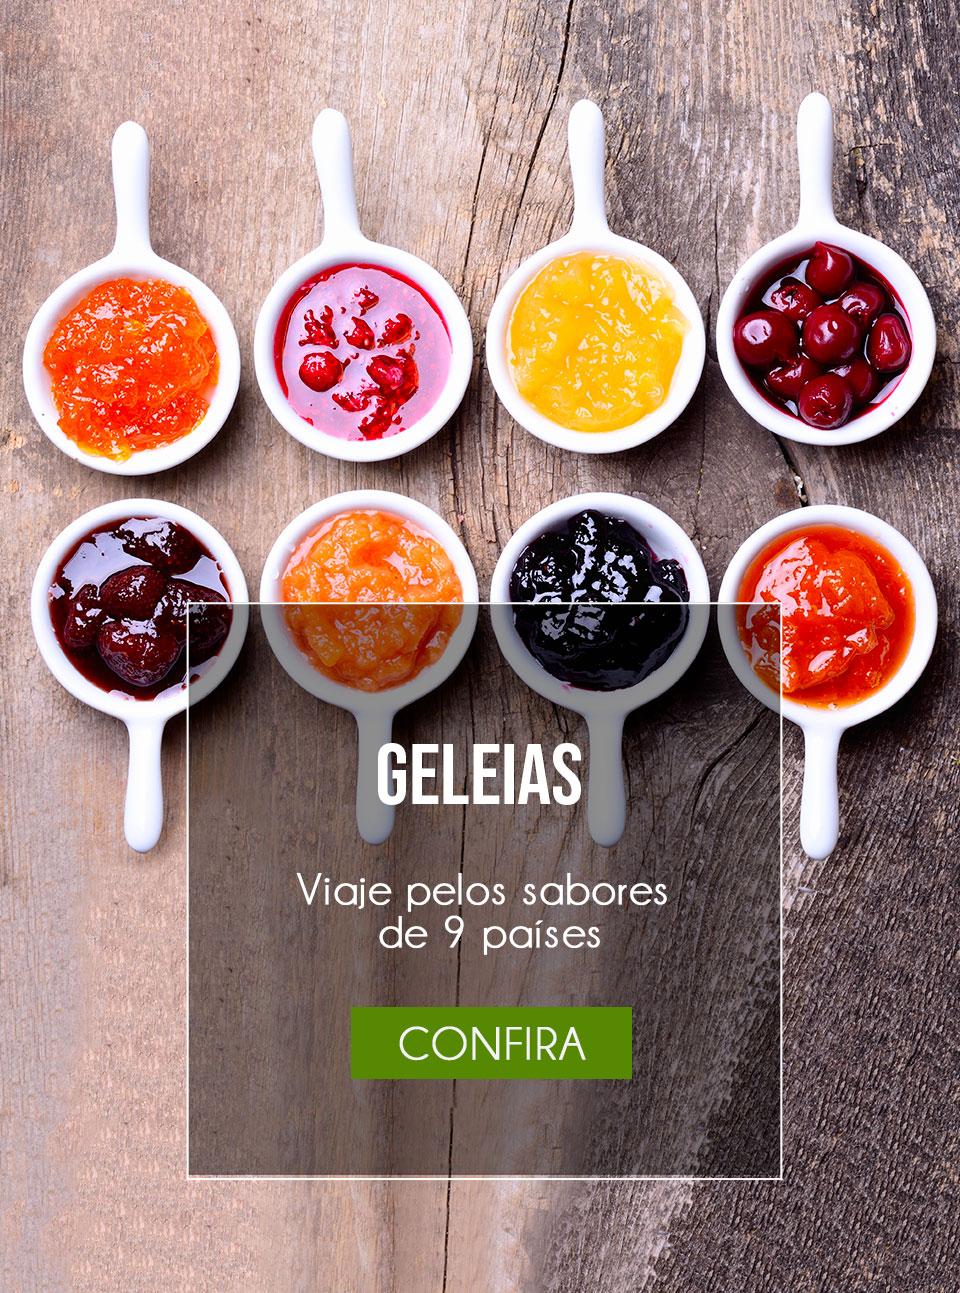 Mobile | Geleias